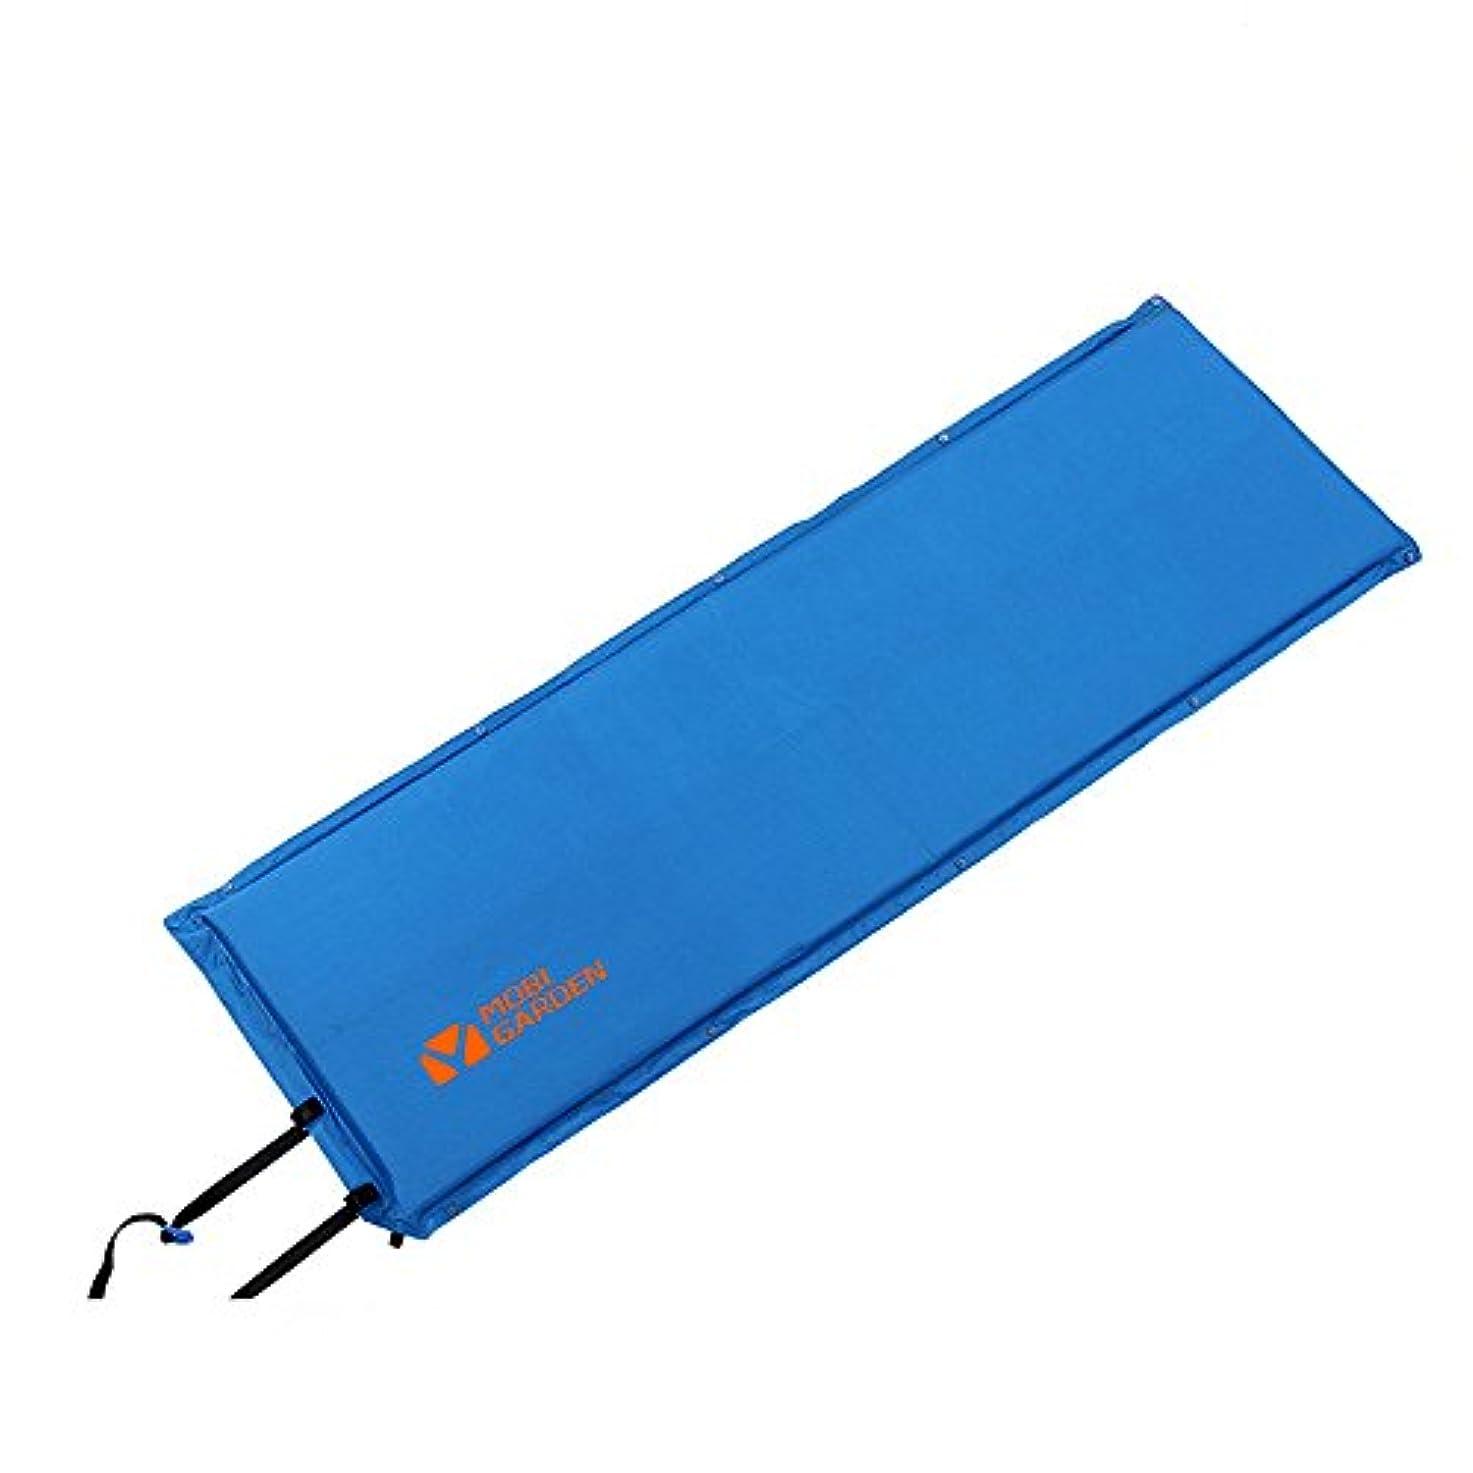 ベットチャンス国籍Xingzhe自動インフレータブルSleeping Pad – Widening Thickeningステッチビーチベッド折りたたみSleepingベッドコンパクトおよび超軽量キャンプキャンプバックパック旅行